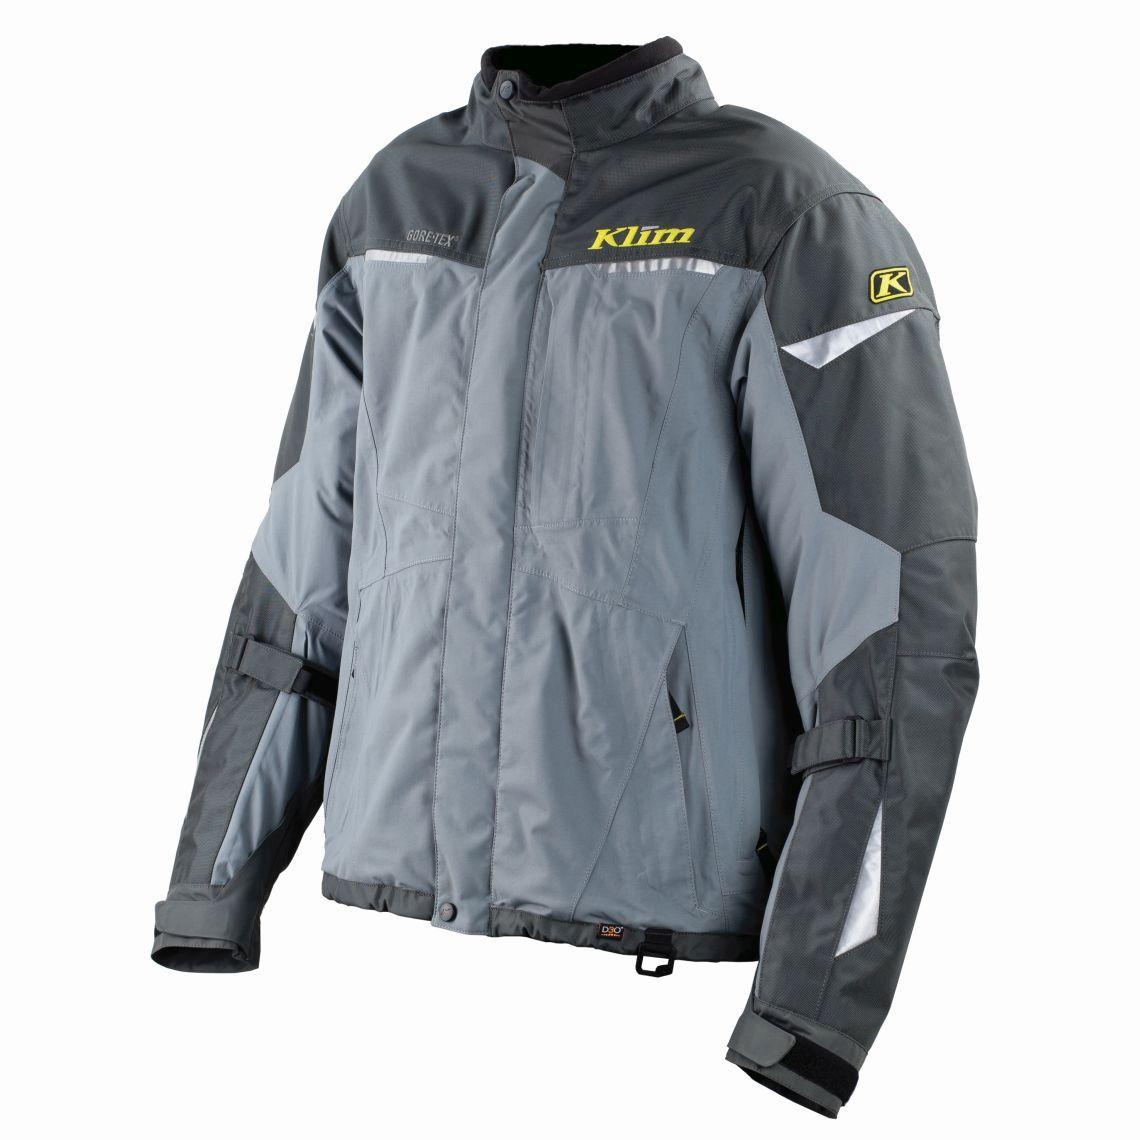 klim-overland-jacket-front-grey